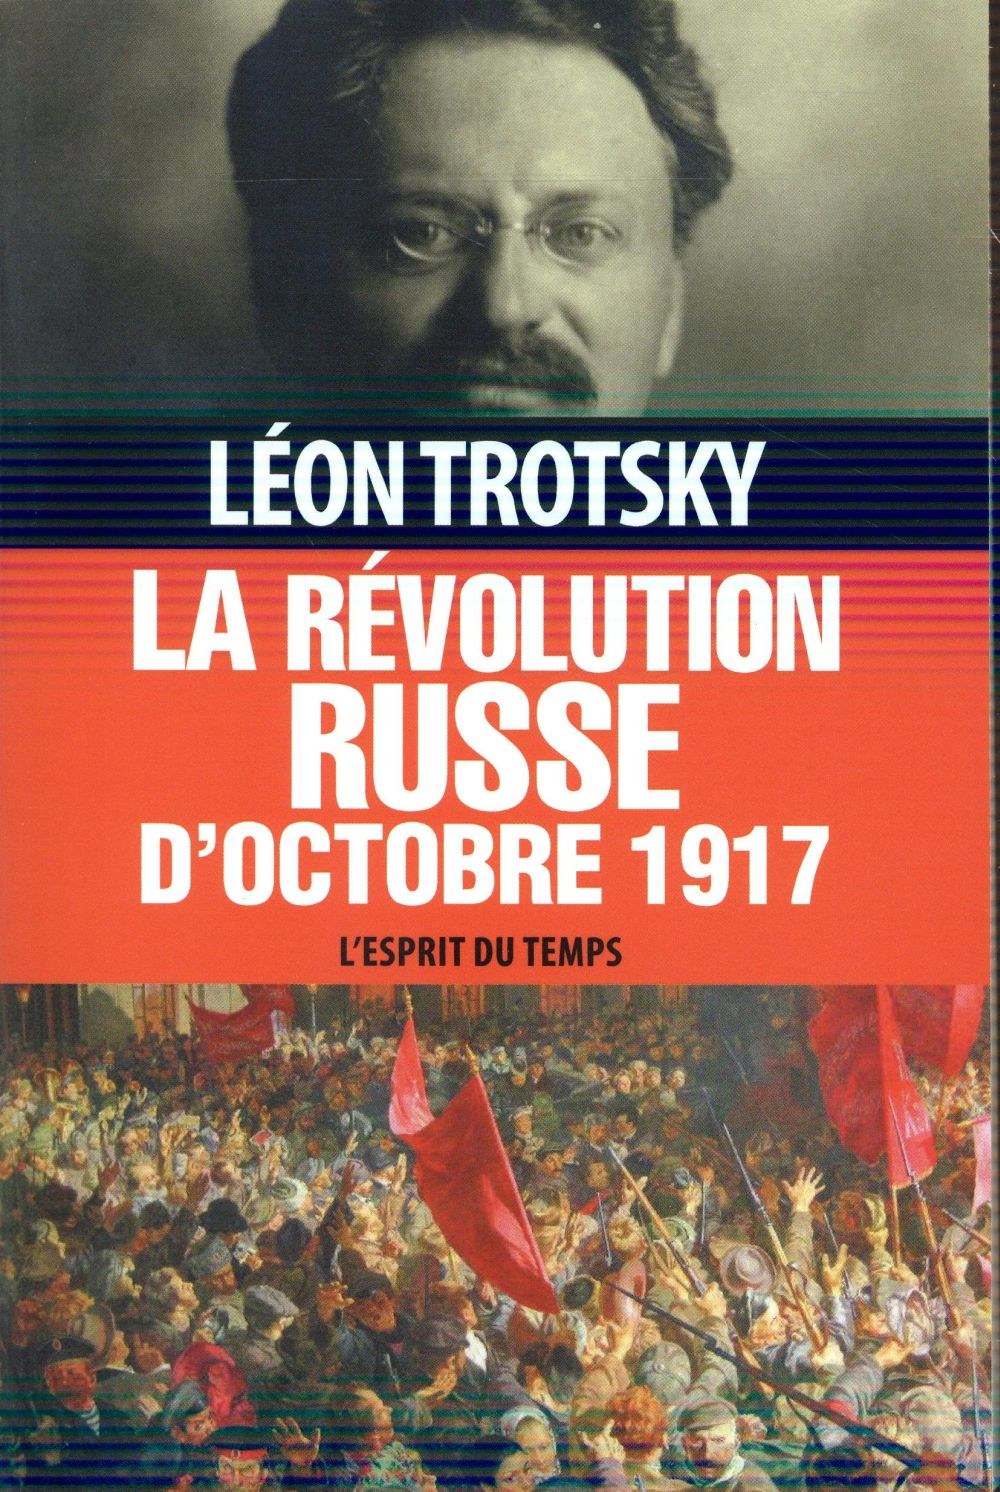 LA REVOLUTION RUSSE D'OCTOBRE 1917